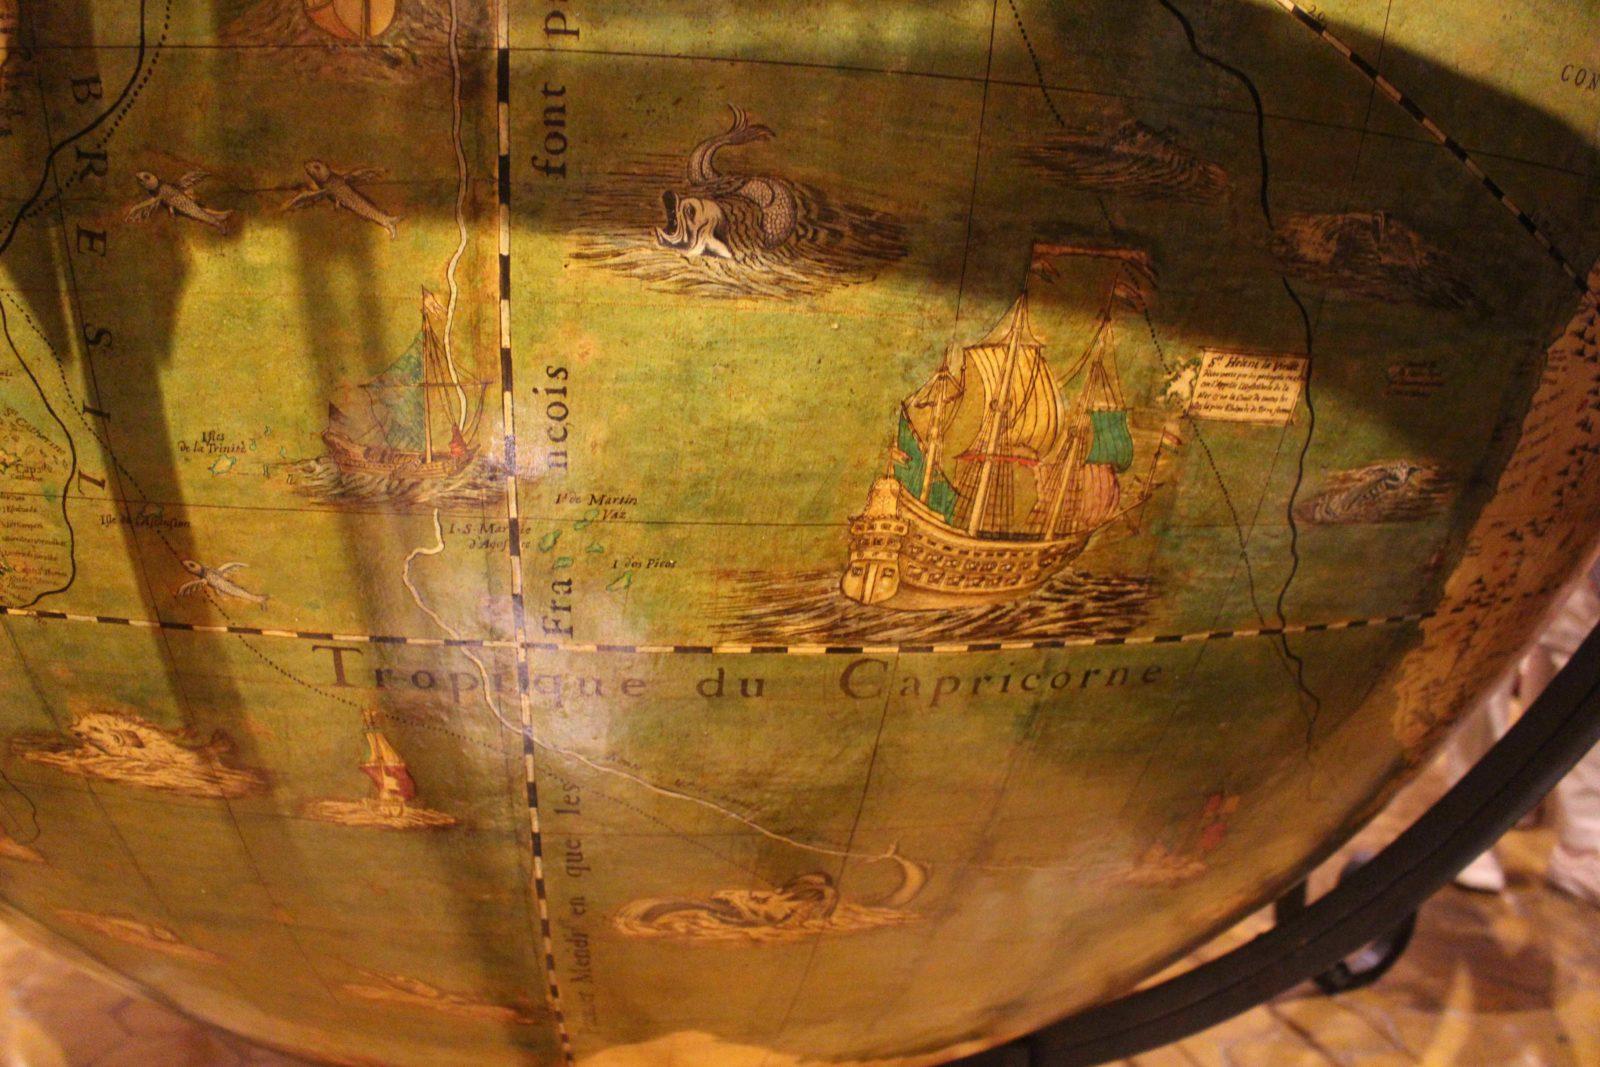 Archives municipales de Dijon globe terrestre - détail